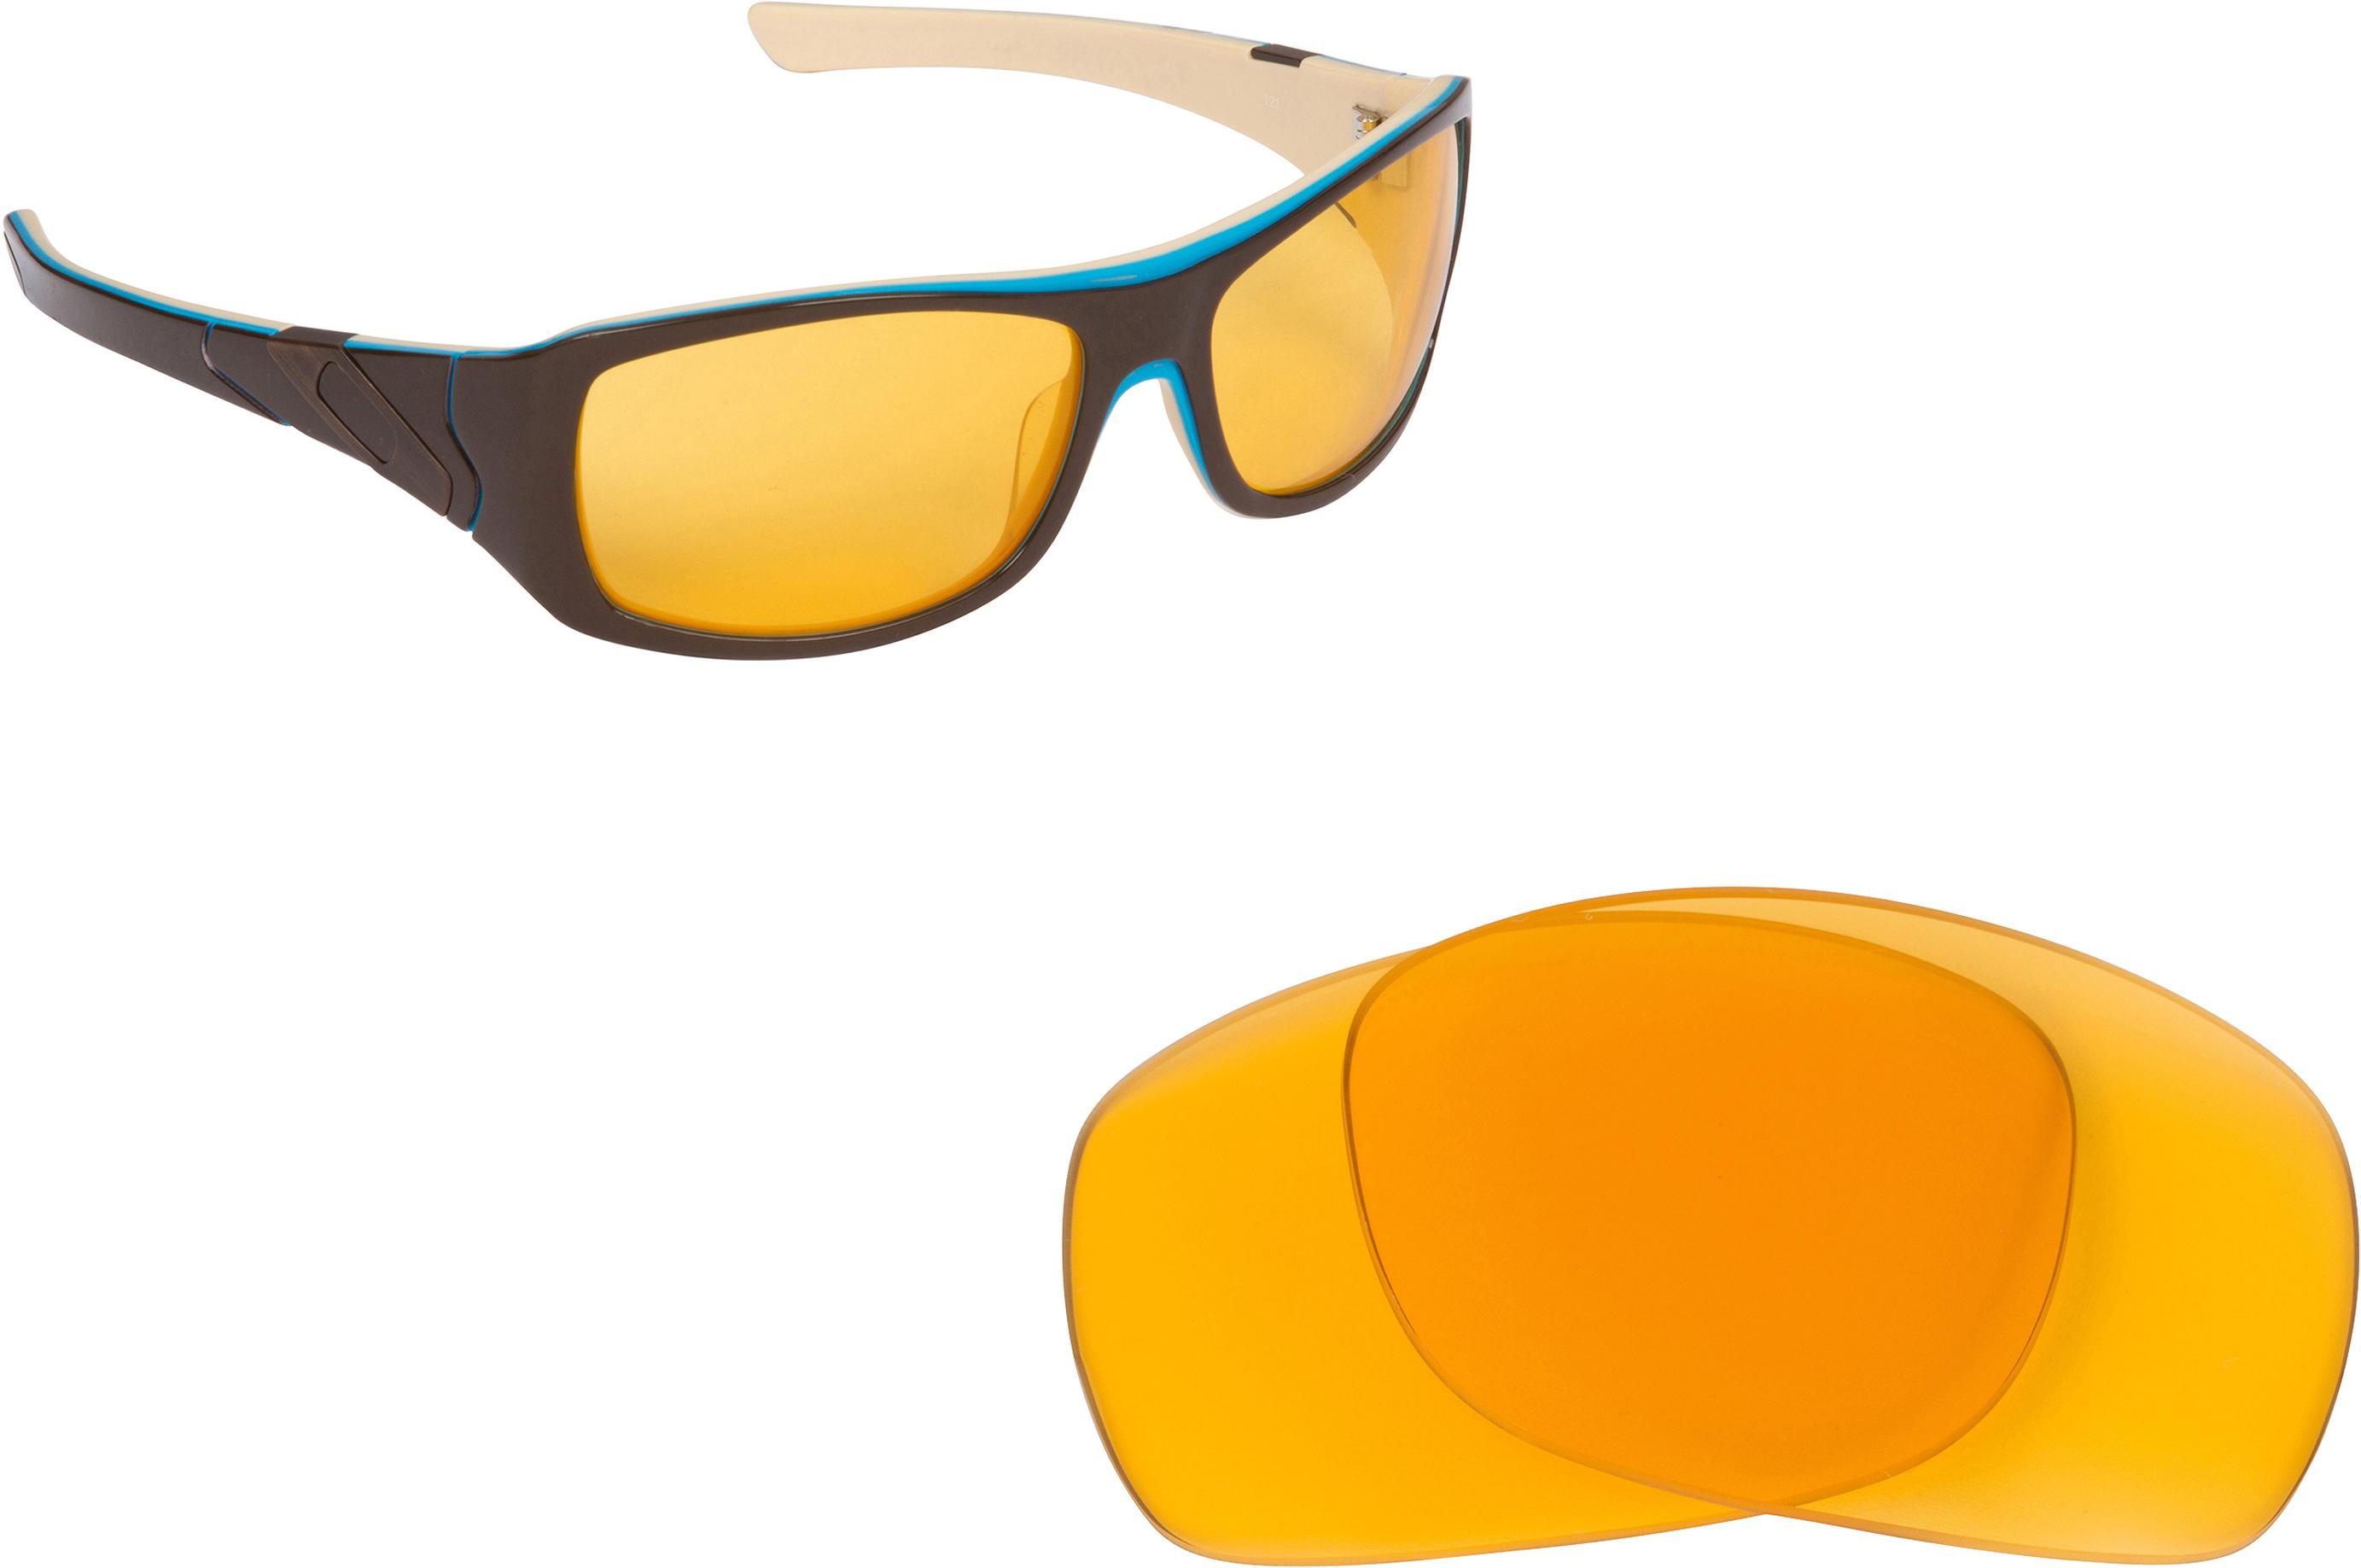 cheapest oakley sunglasses online  lenses for oakley